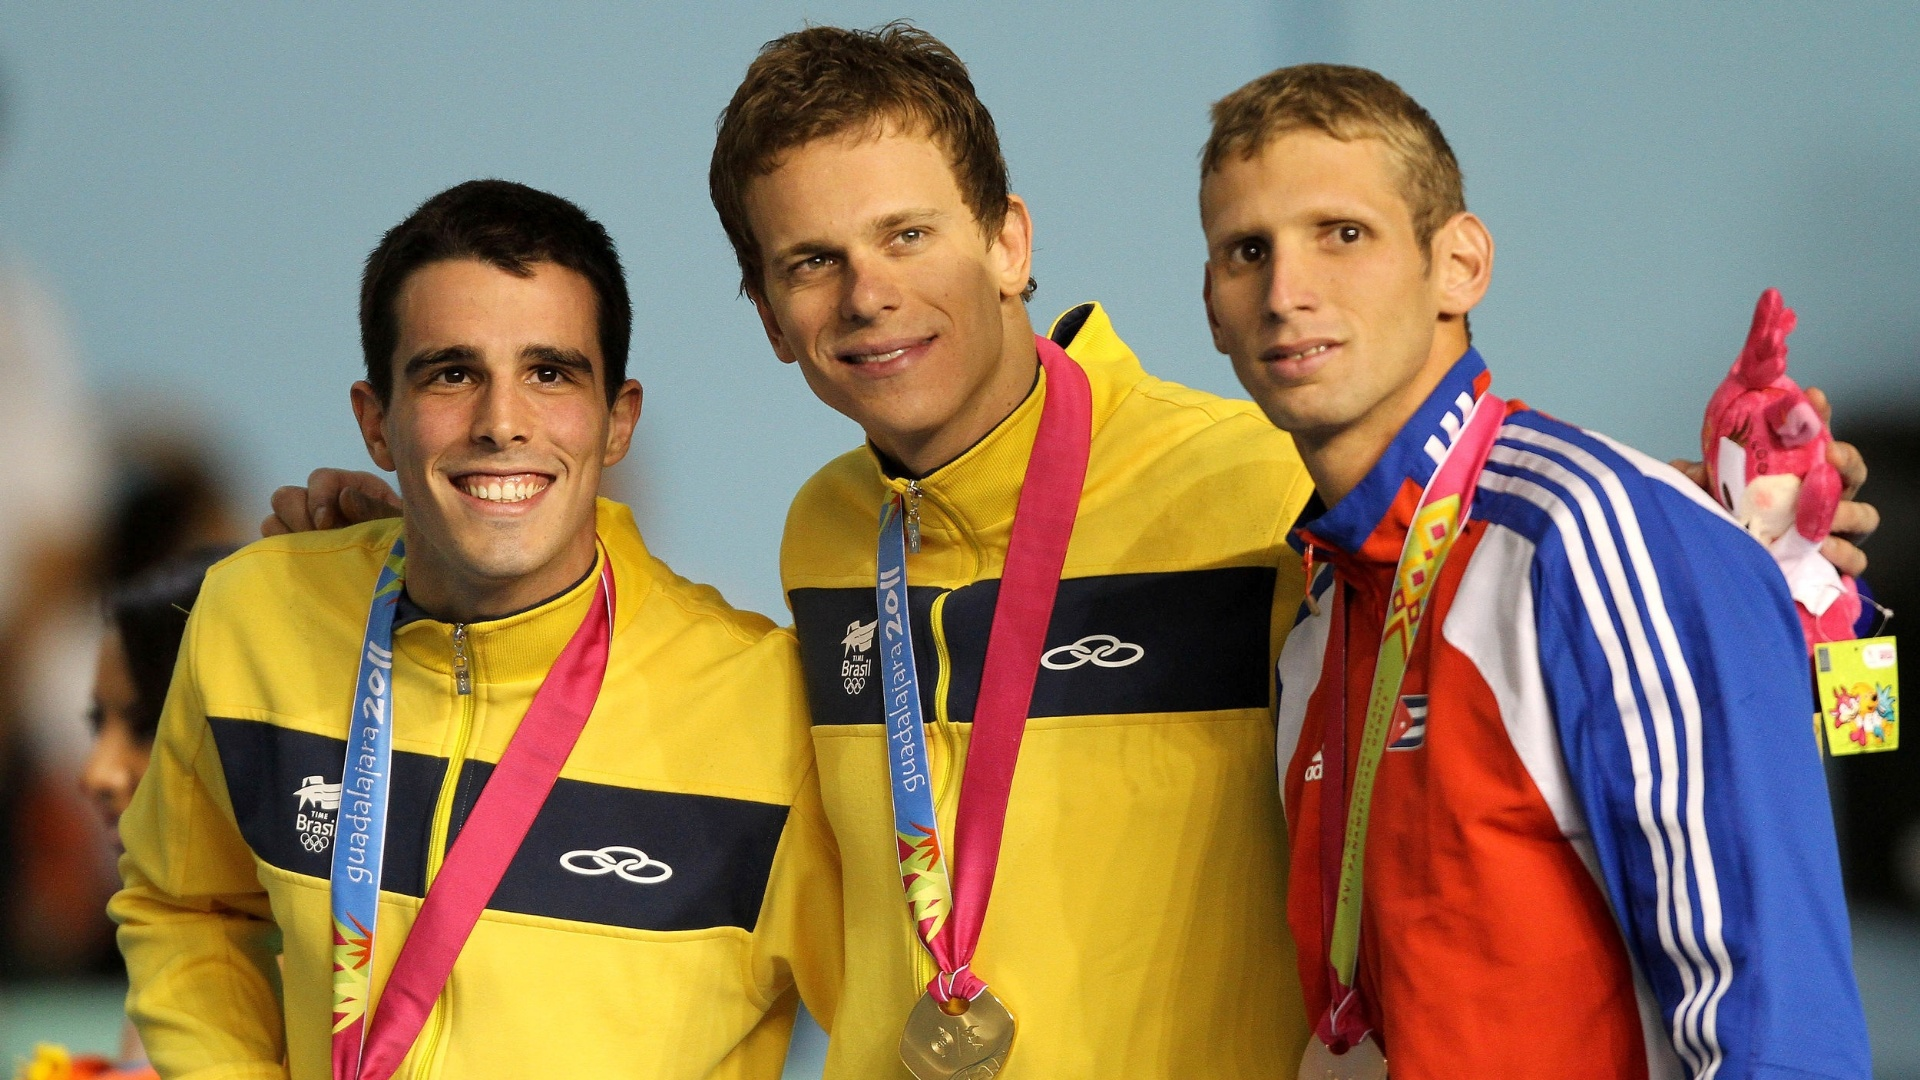 Cesar Cielo e Bruno Fratus venceram o ouro e a prata nos 50 m livre no Pan de Guadalajara (20/10/2011)